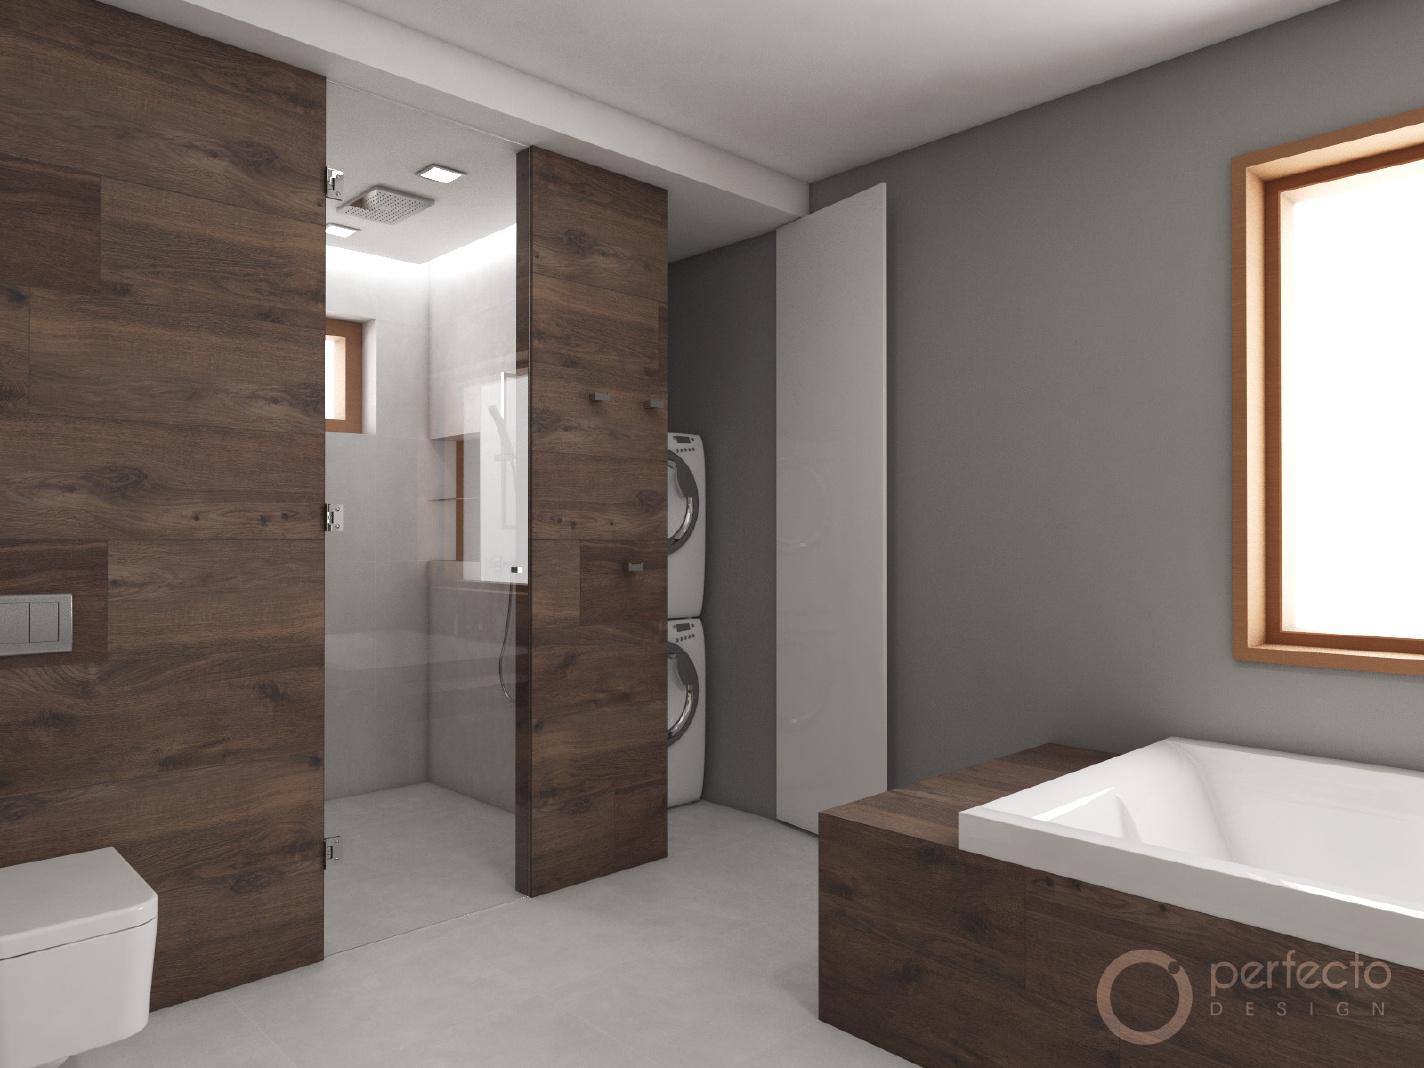 Modernes badezimmer monet visualisierung